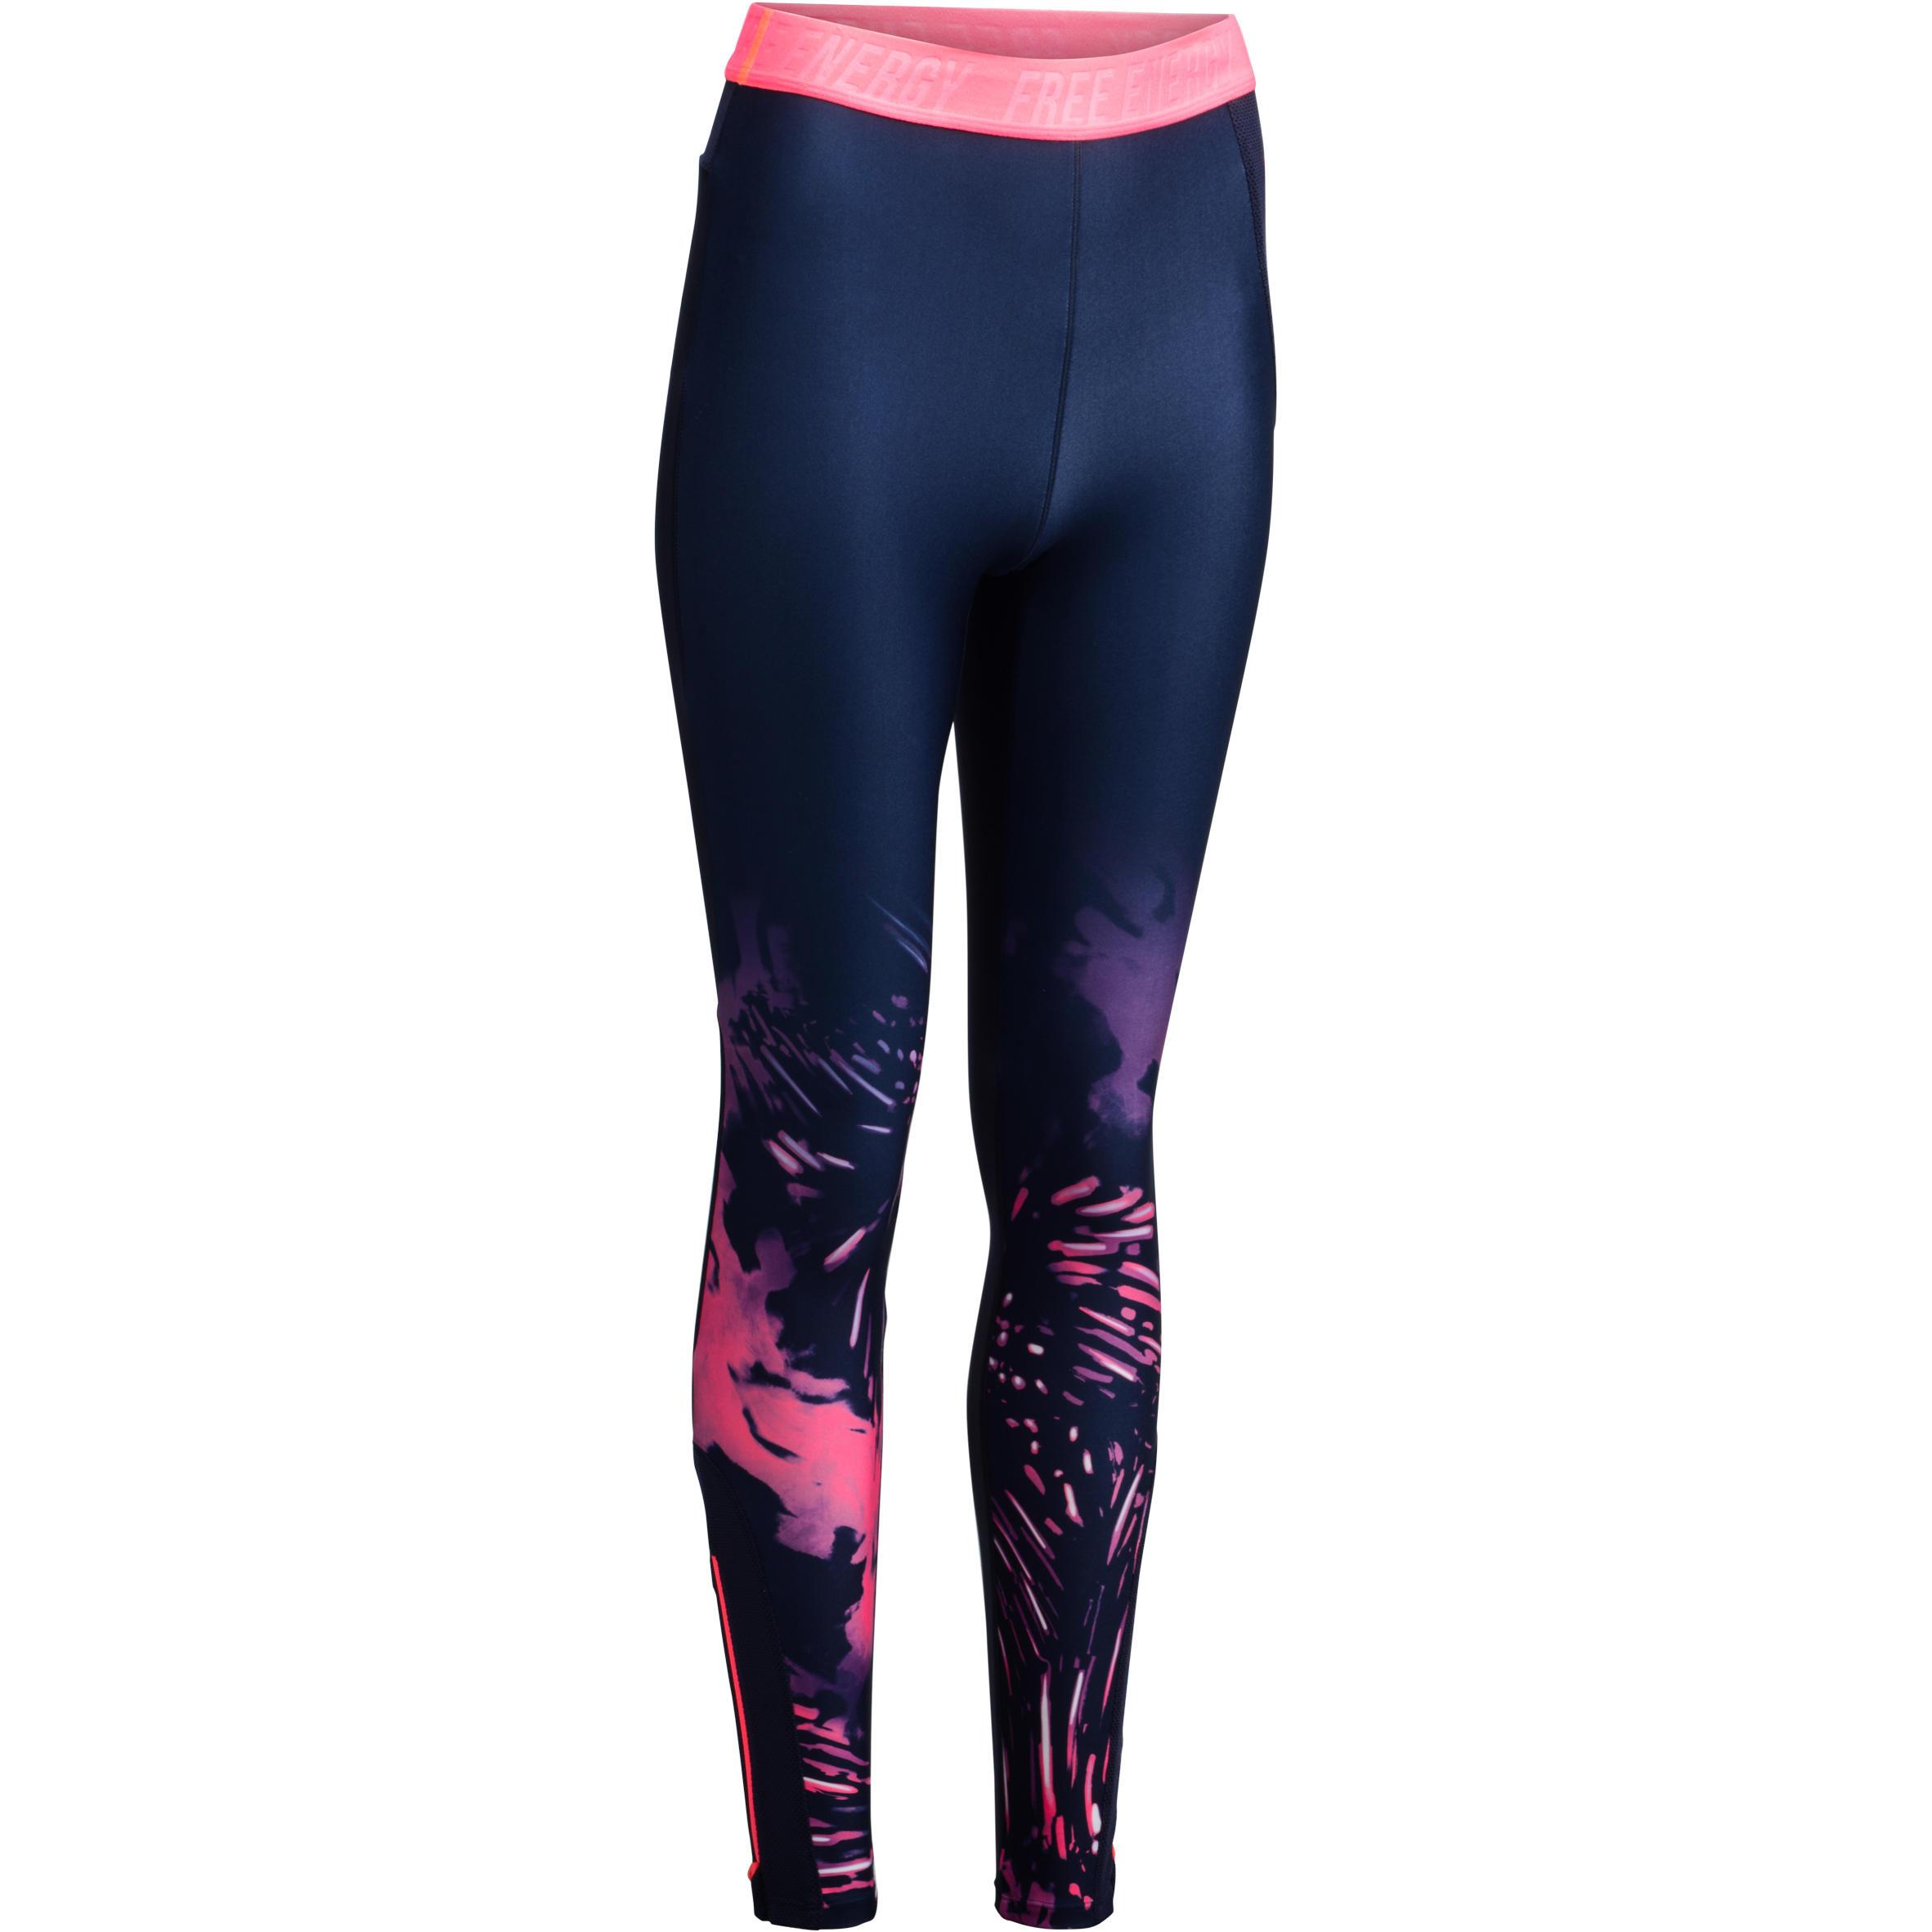 Leggings fitness cardio mujer azul marino con estampado tropical rosa 500 Domyos